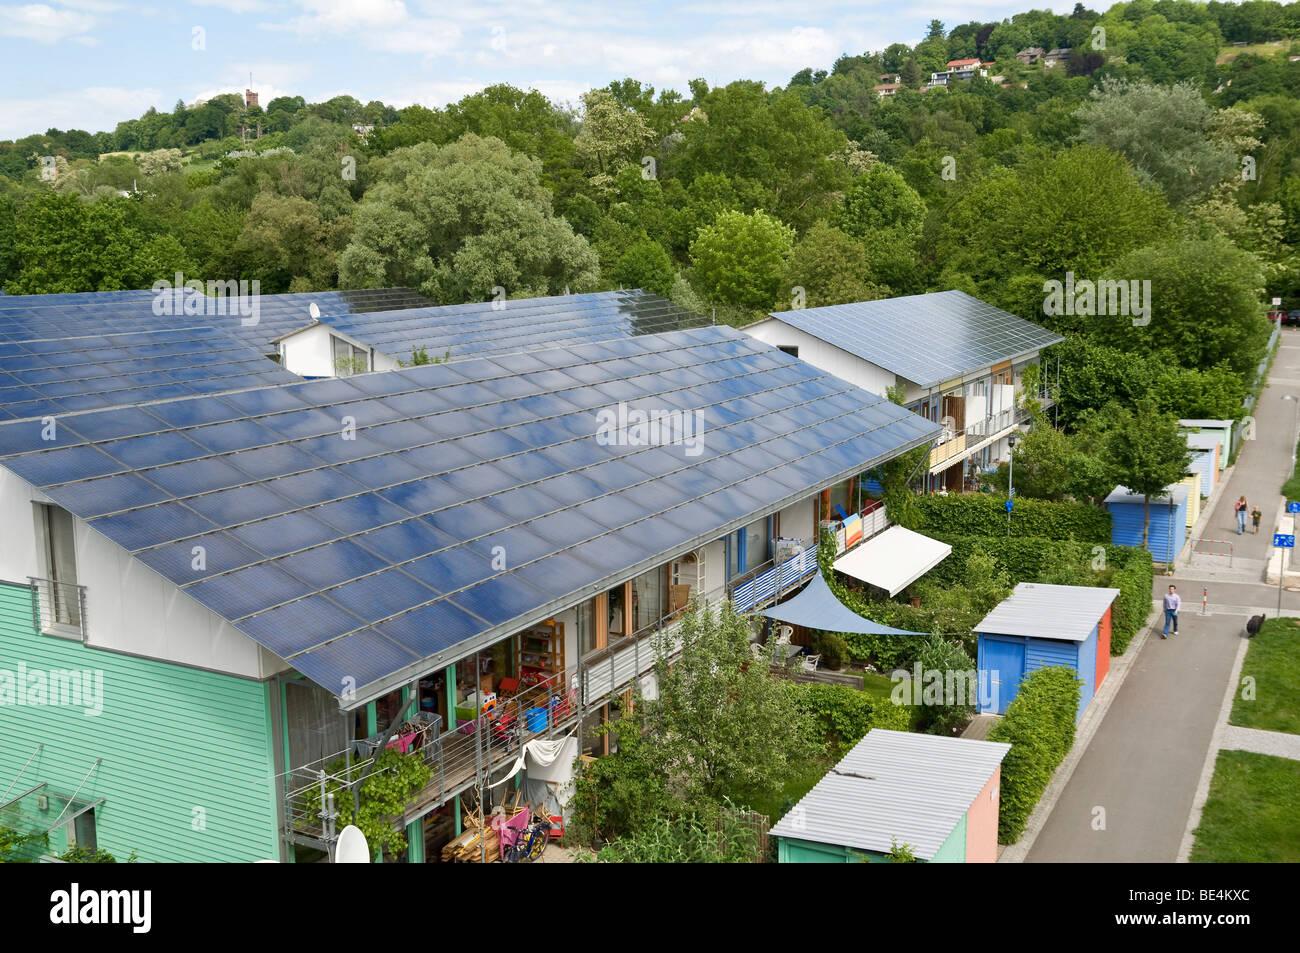 Los techos solares, Vauban, Friburgo, Baden-Wurtemberg, Alemania, Europa Imagen De Stock